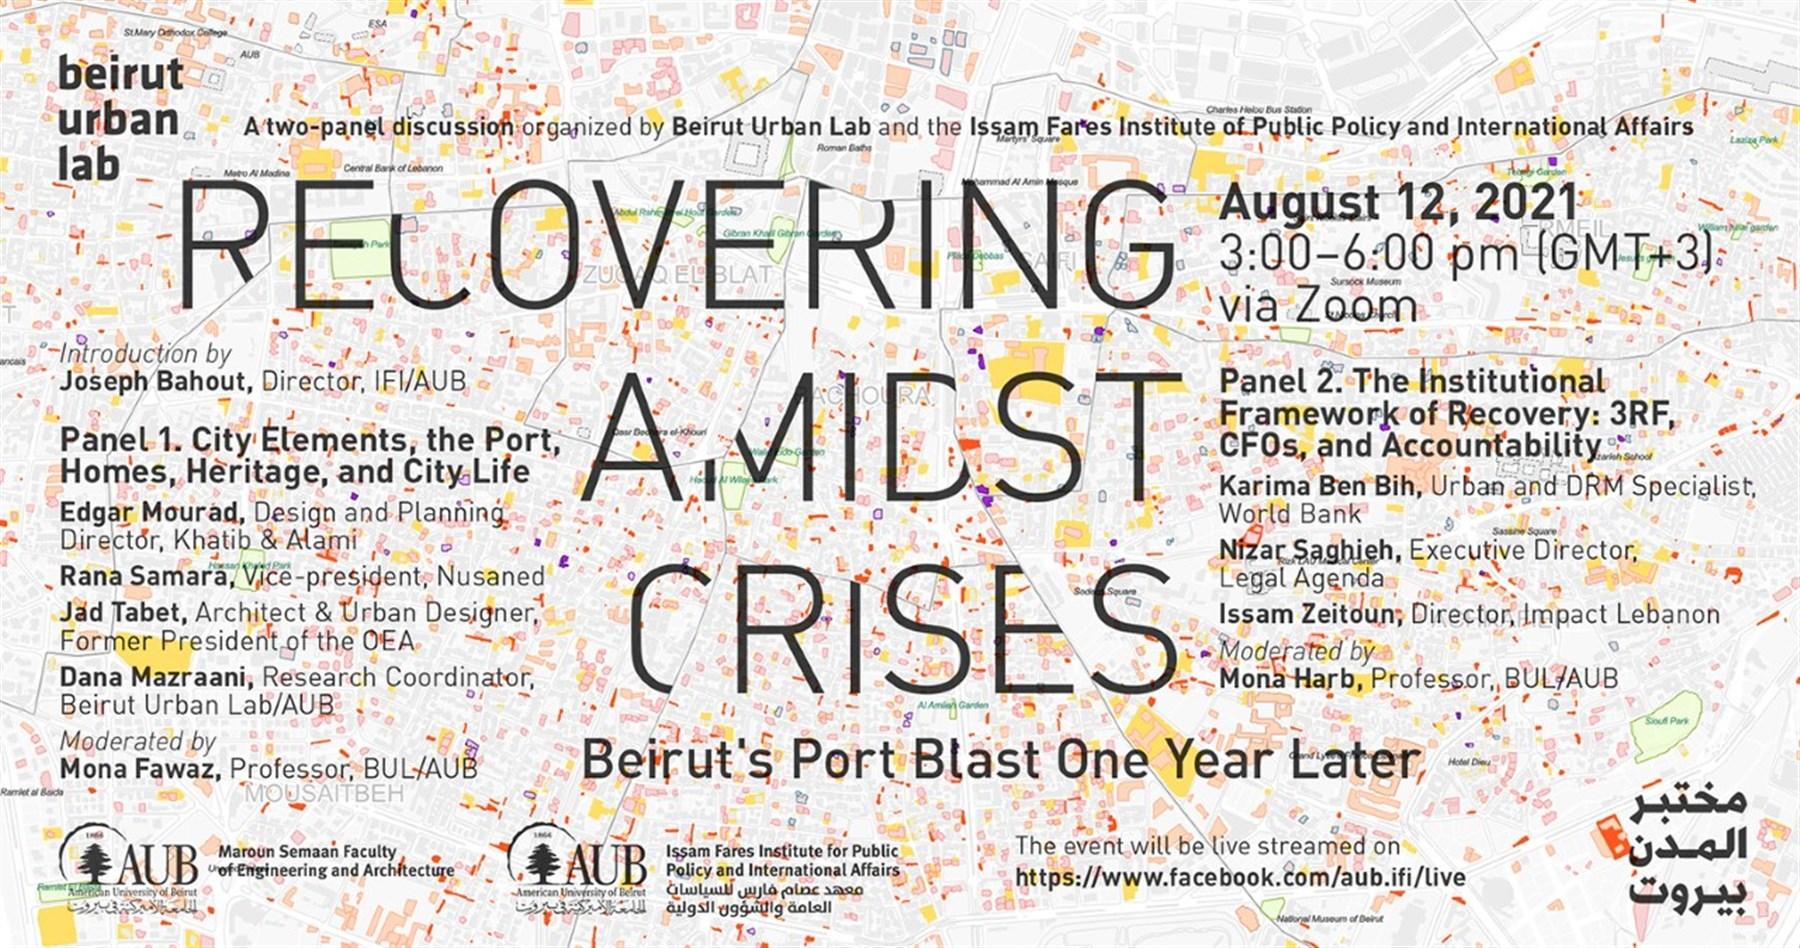 التعافي في خضم الأزمات، مرفأ بيروت بعد عام على الانفجار: ندوة من مناقشتين